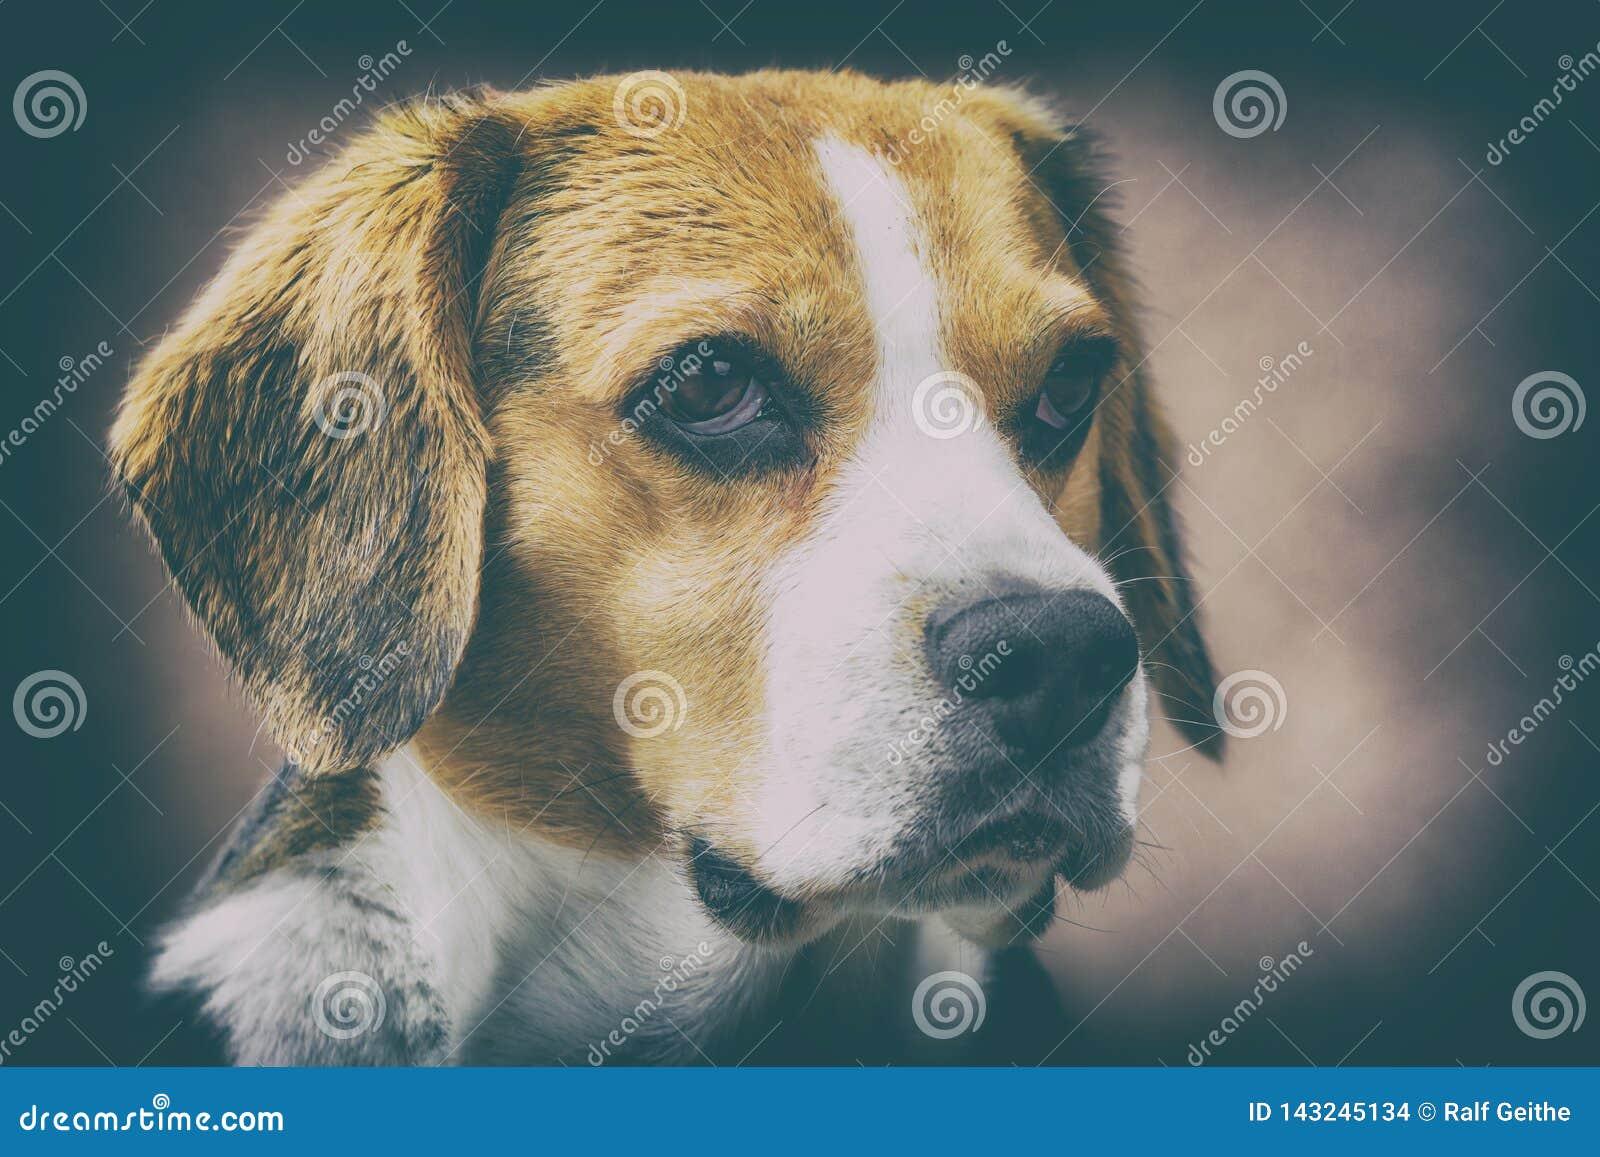 Retrato artístico de un beagle